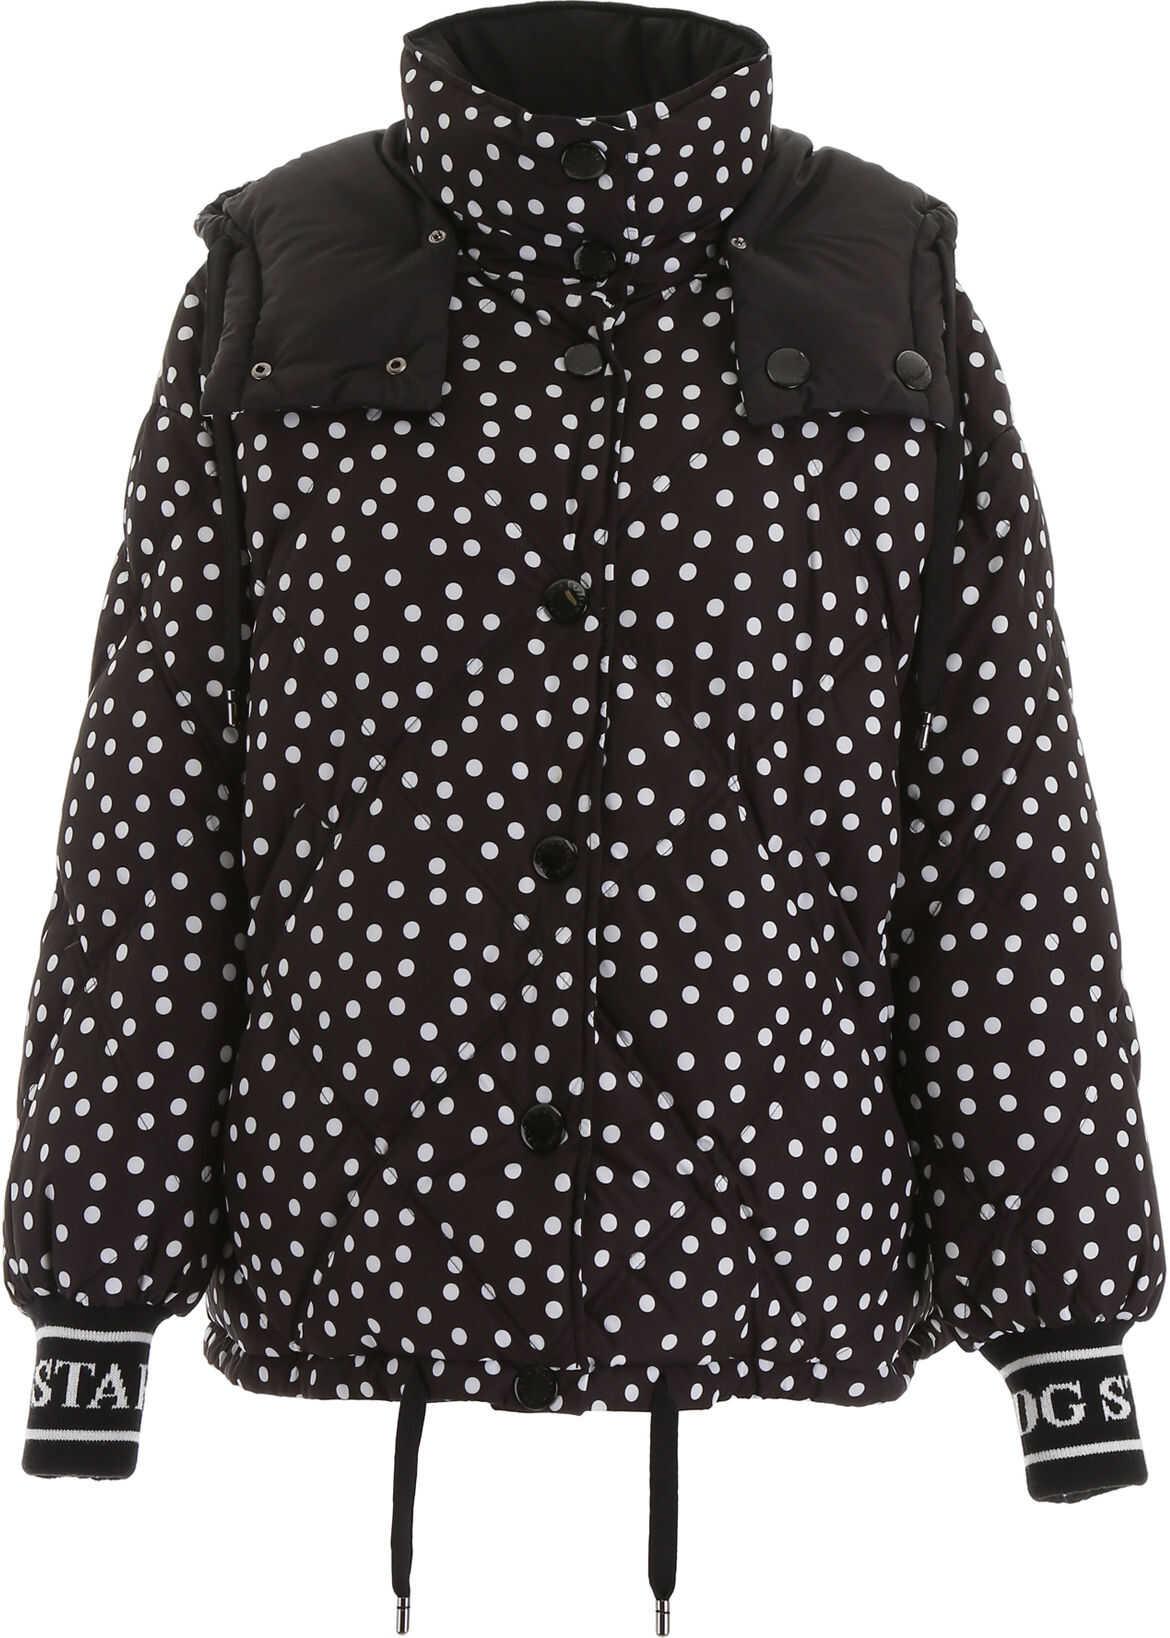 Dolce & Gabbana Polka Dots Puffer Jacket VARIANTE ABBINATA